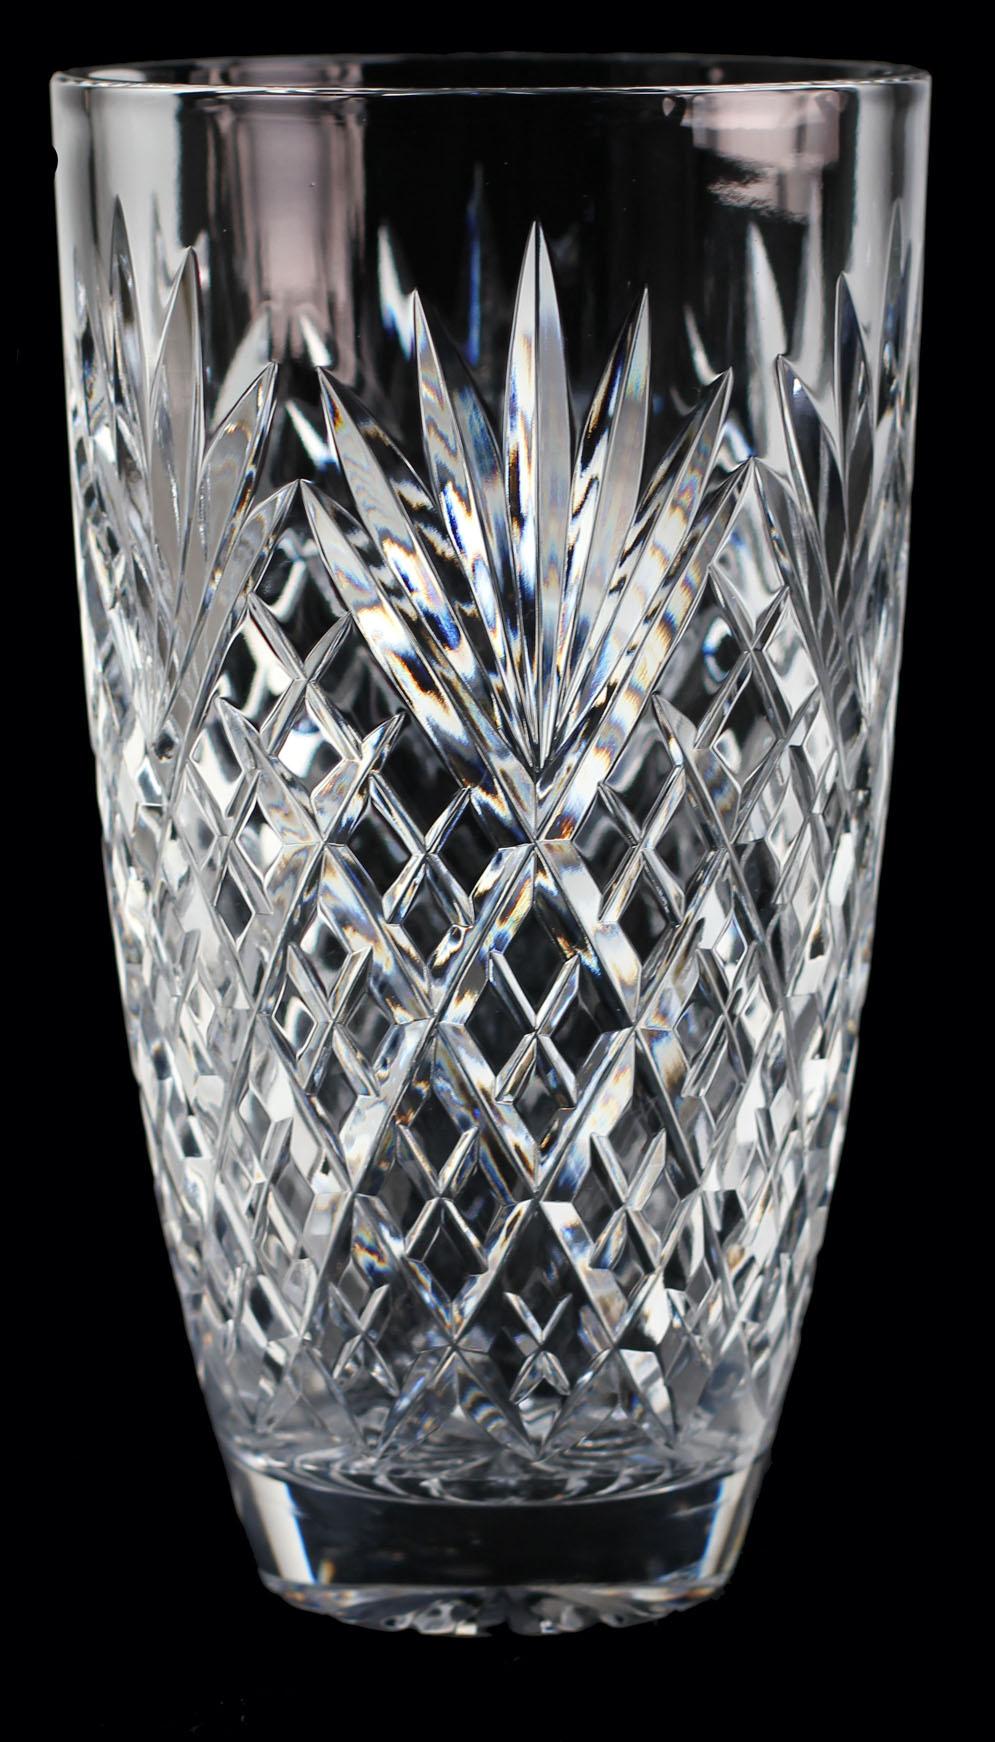 8 inch Cylinder Vase Westminster